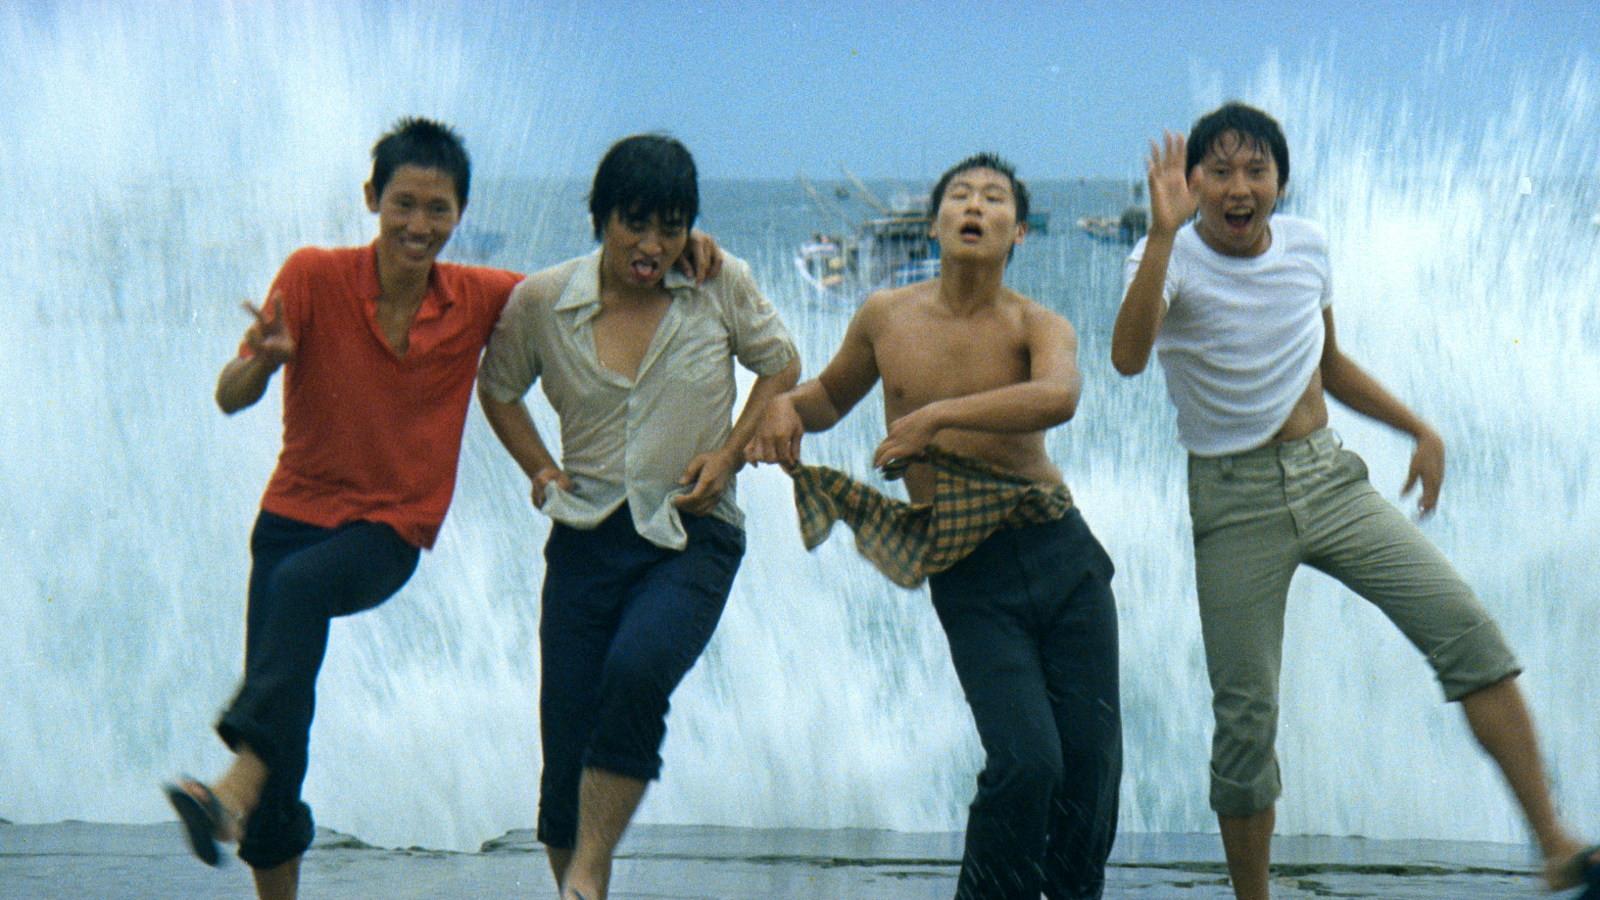 THE BOYS FROM FENGKUEI  (1983)